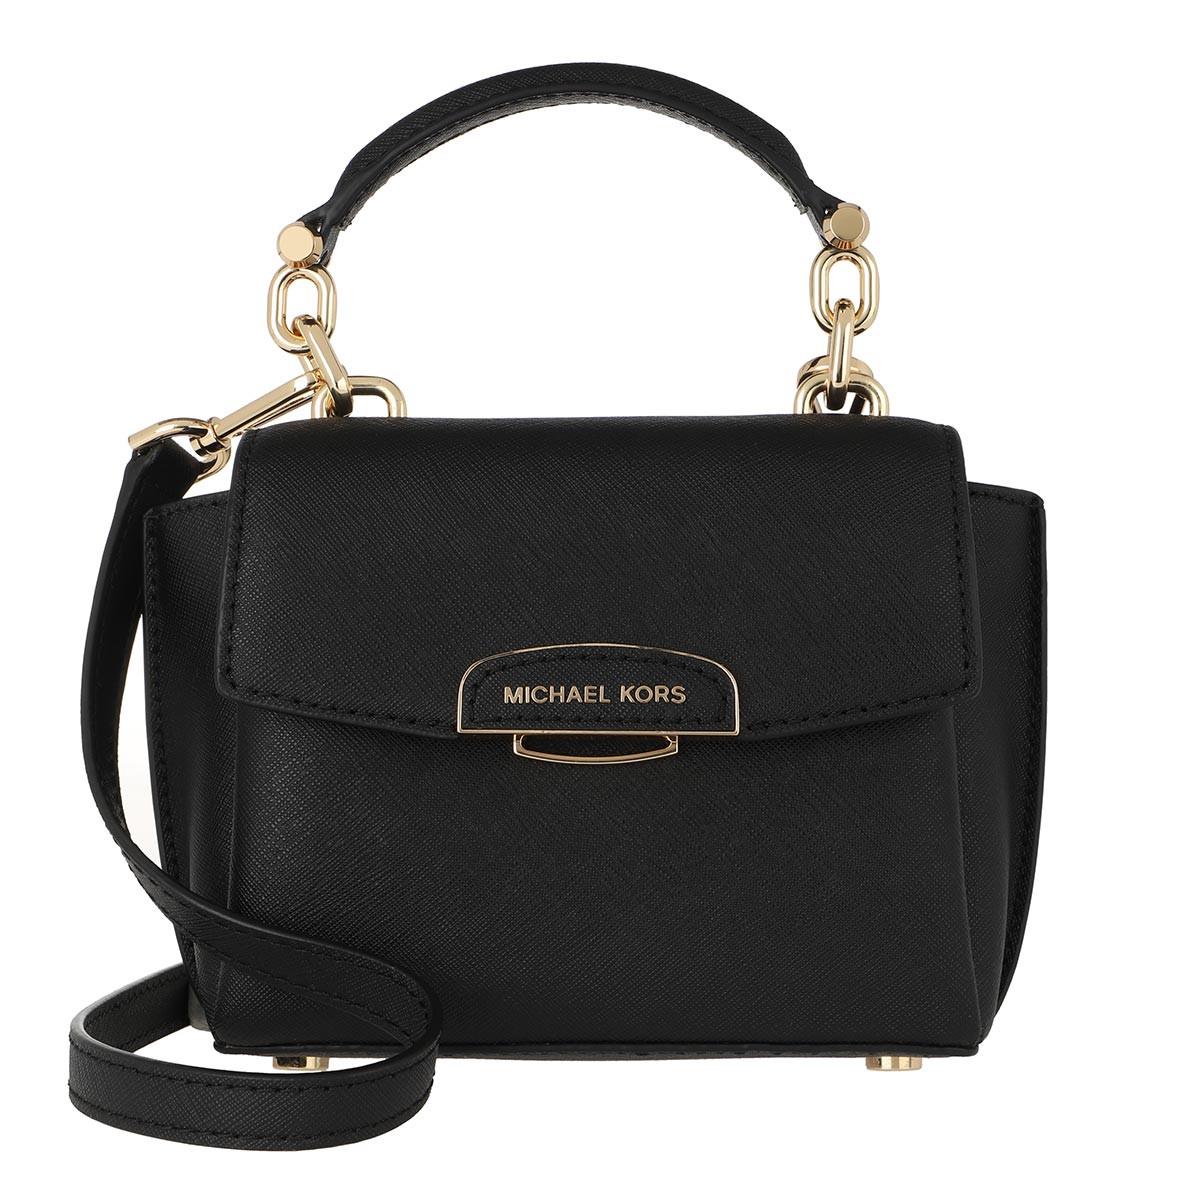 Michael Kors Umhängetasche - Rochelle Crossbody Bag Black - in schwarz - für Damen